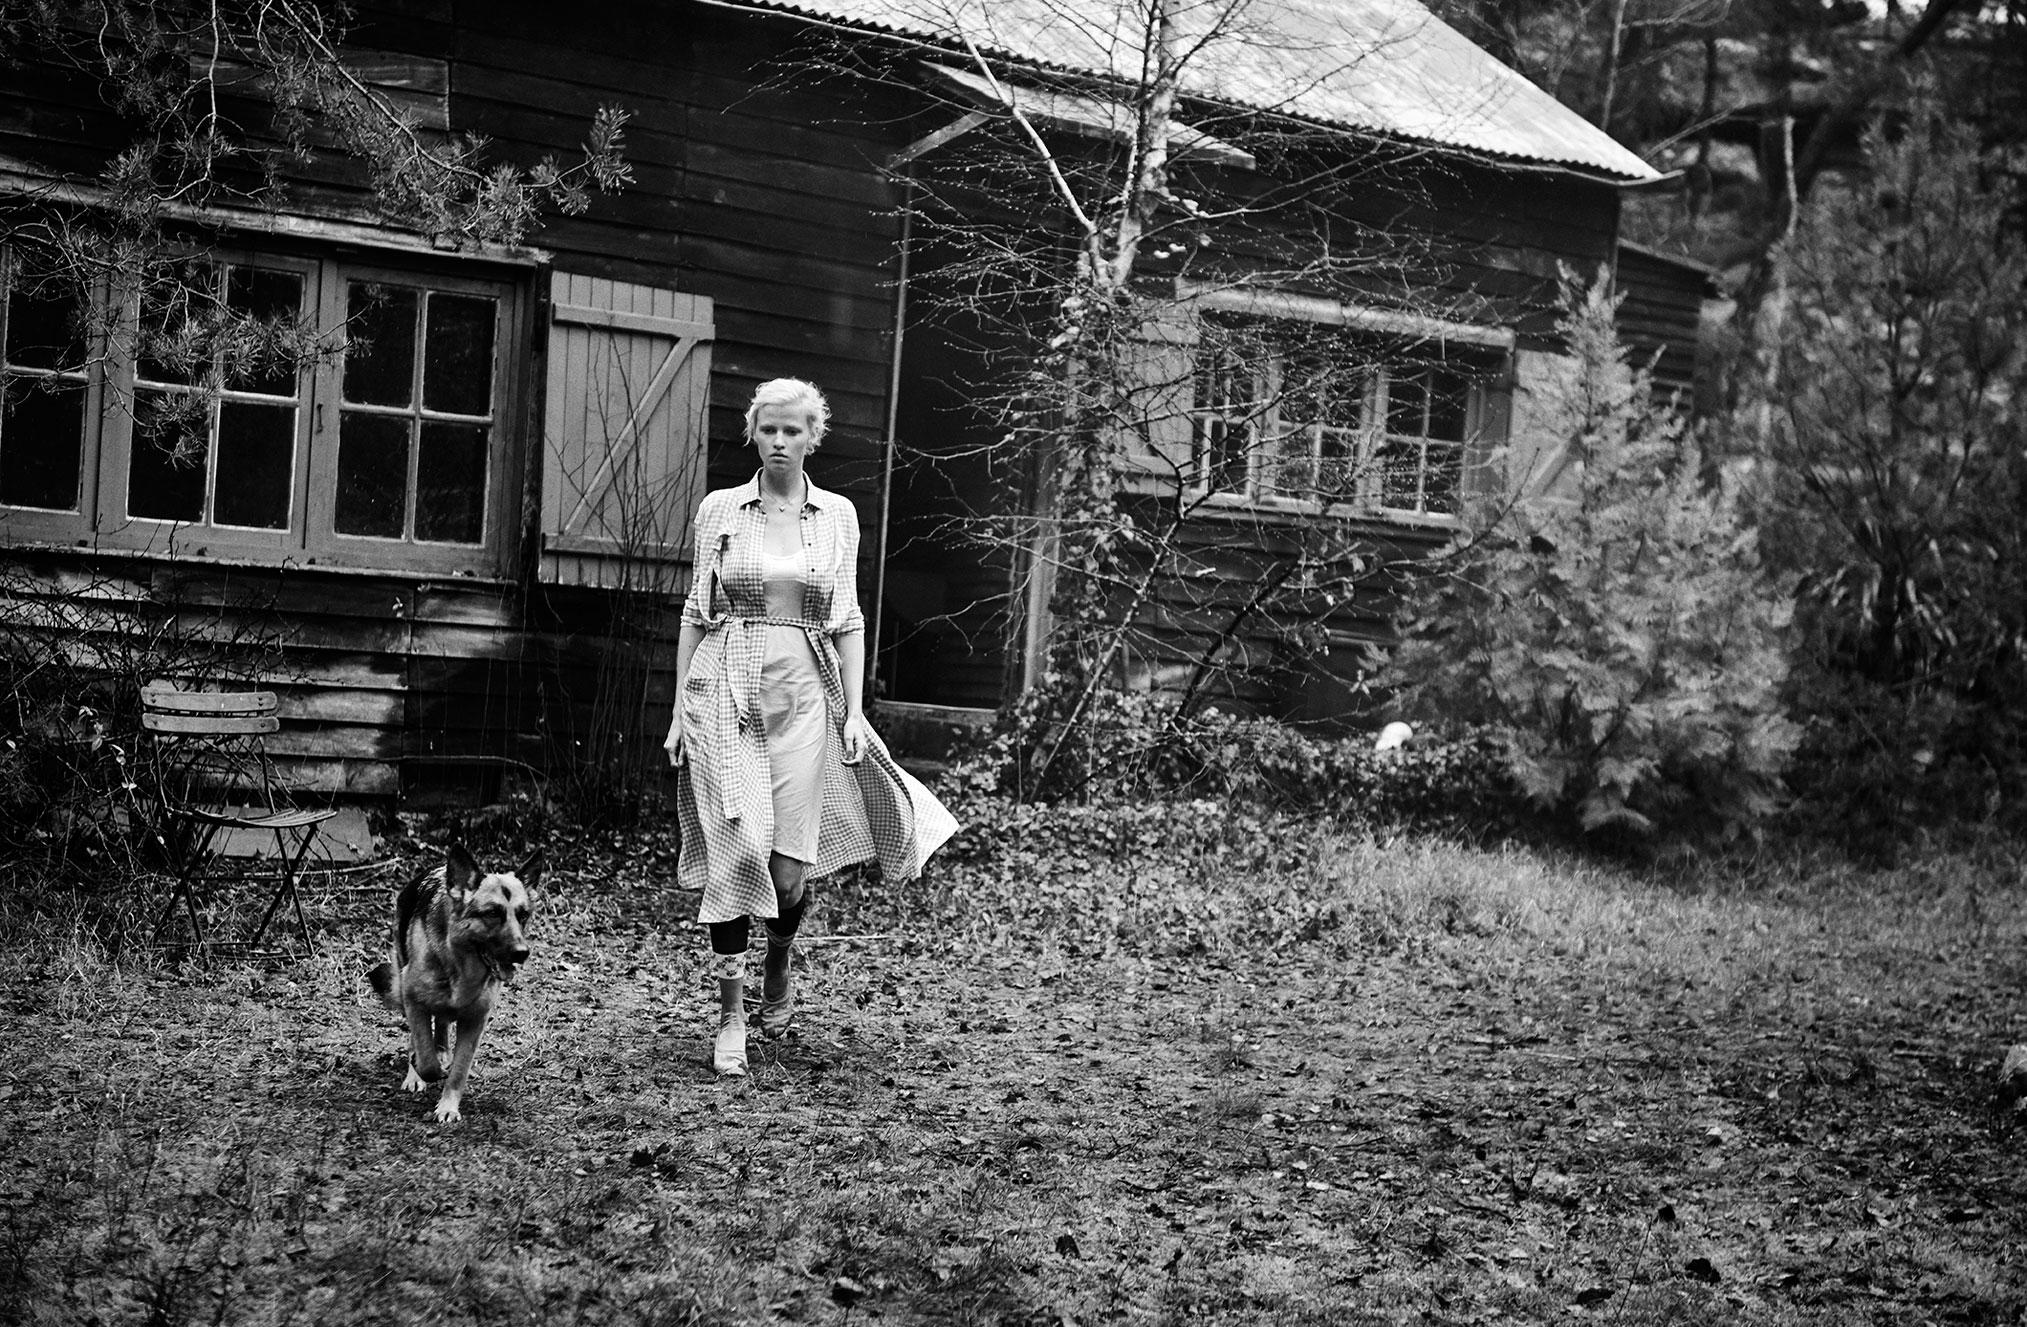 Лара Стоун с собакой в деревенском домике / фото 01